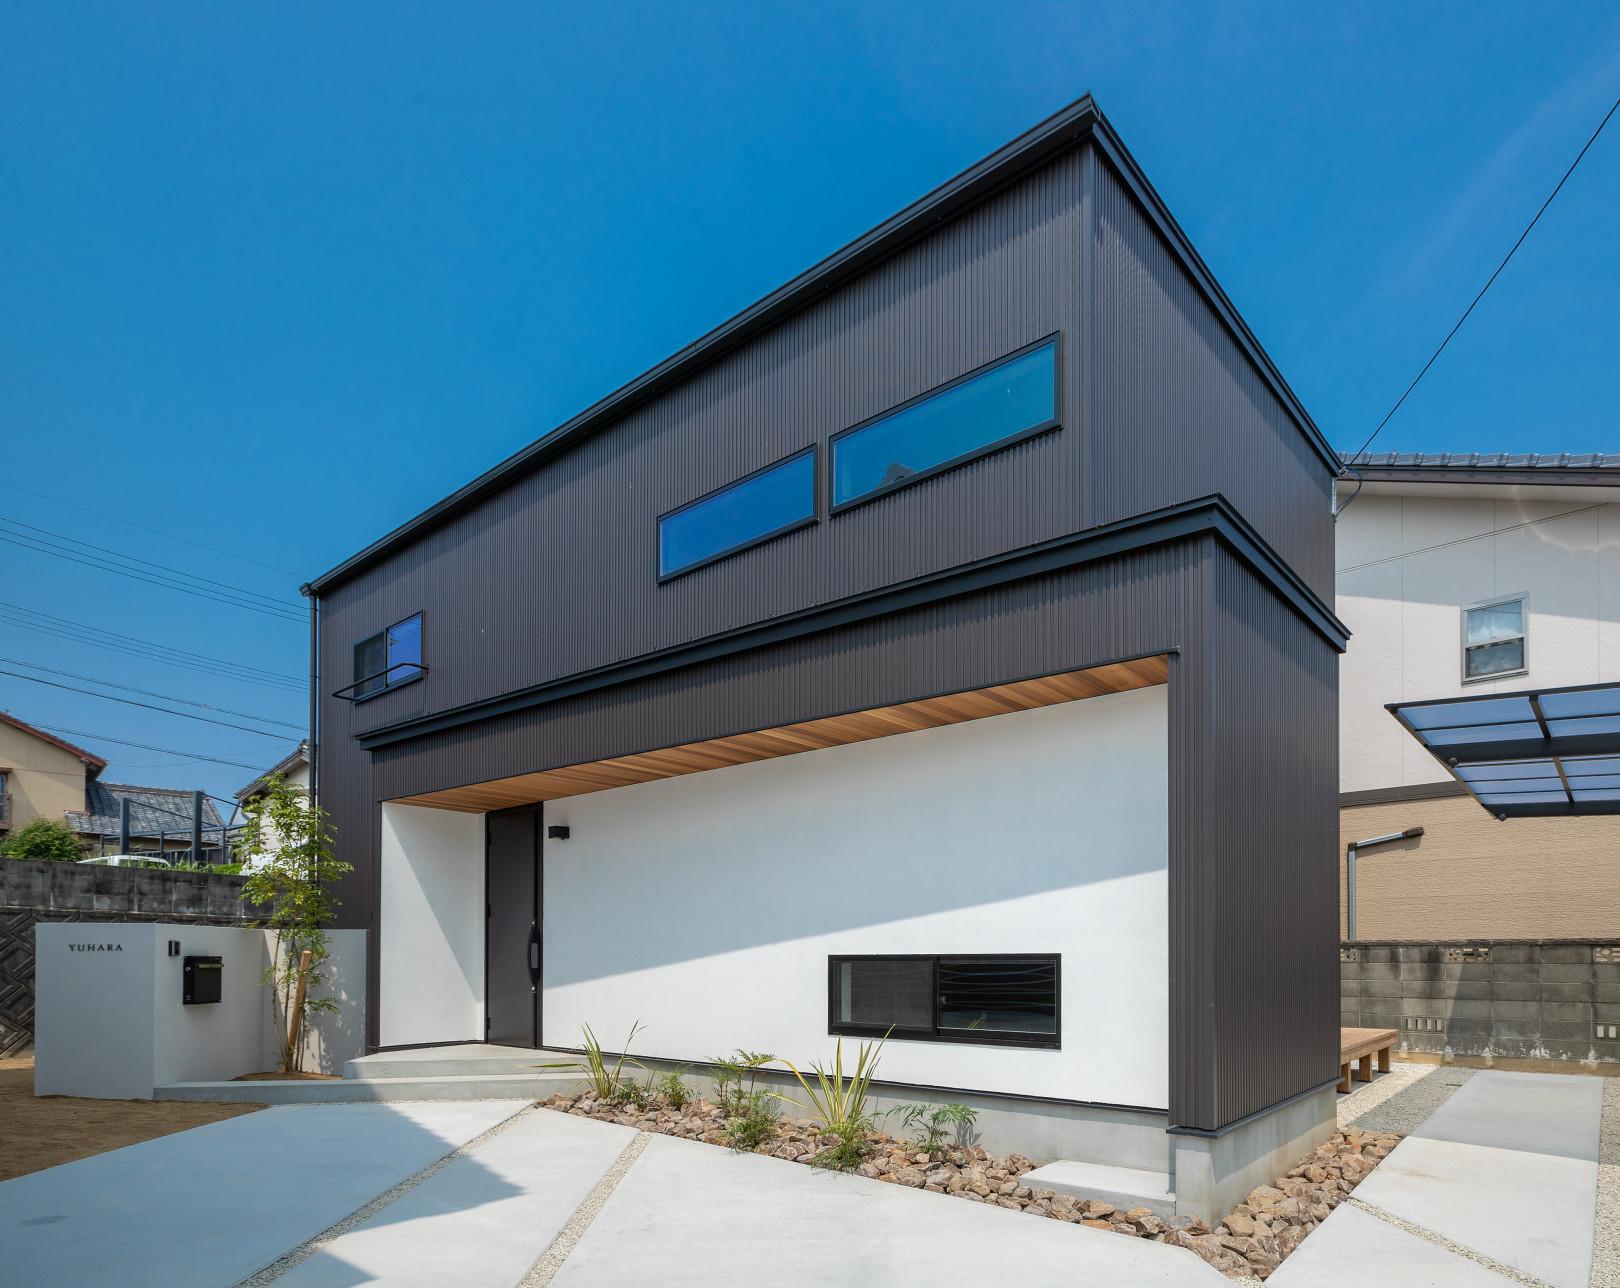 デザインと心地よさにこだわった家 アイキャッチ画像